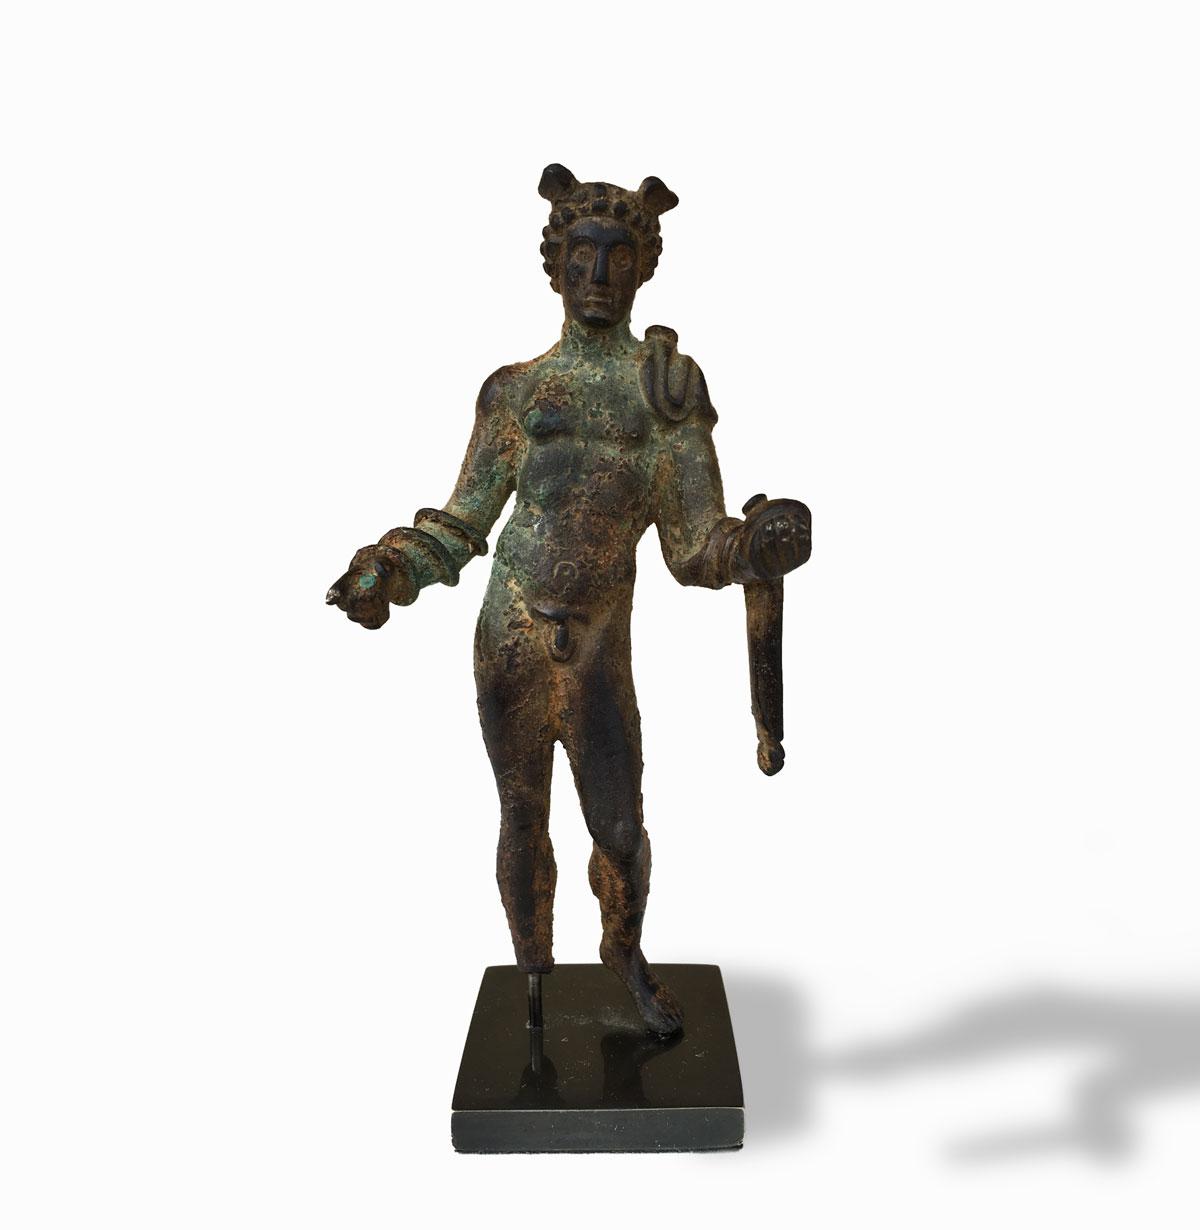 archéologie romaine, gallo romaine et egyptienne, bronze romain, marbre romain, sculpture, statue, art ancien.